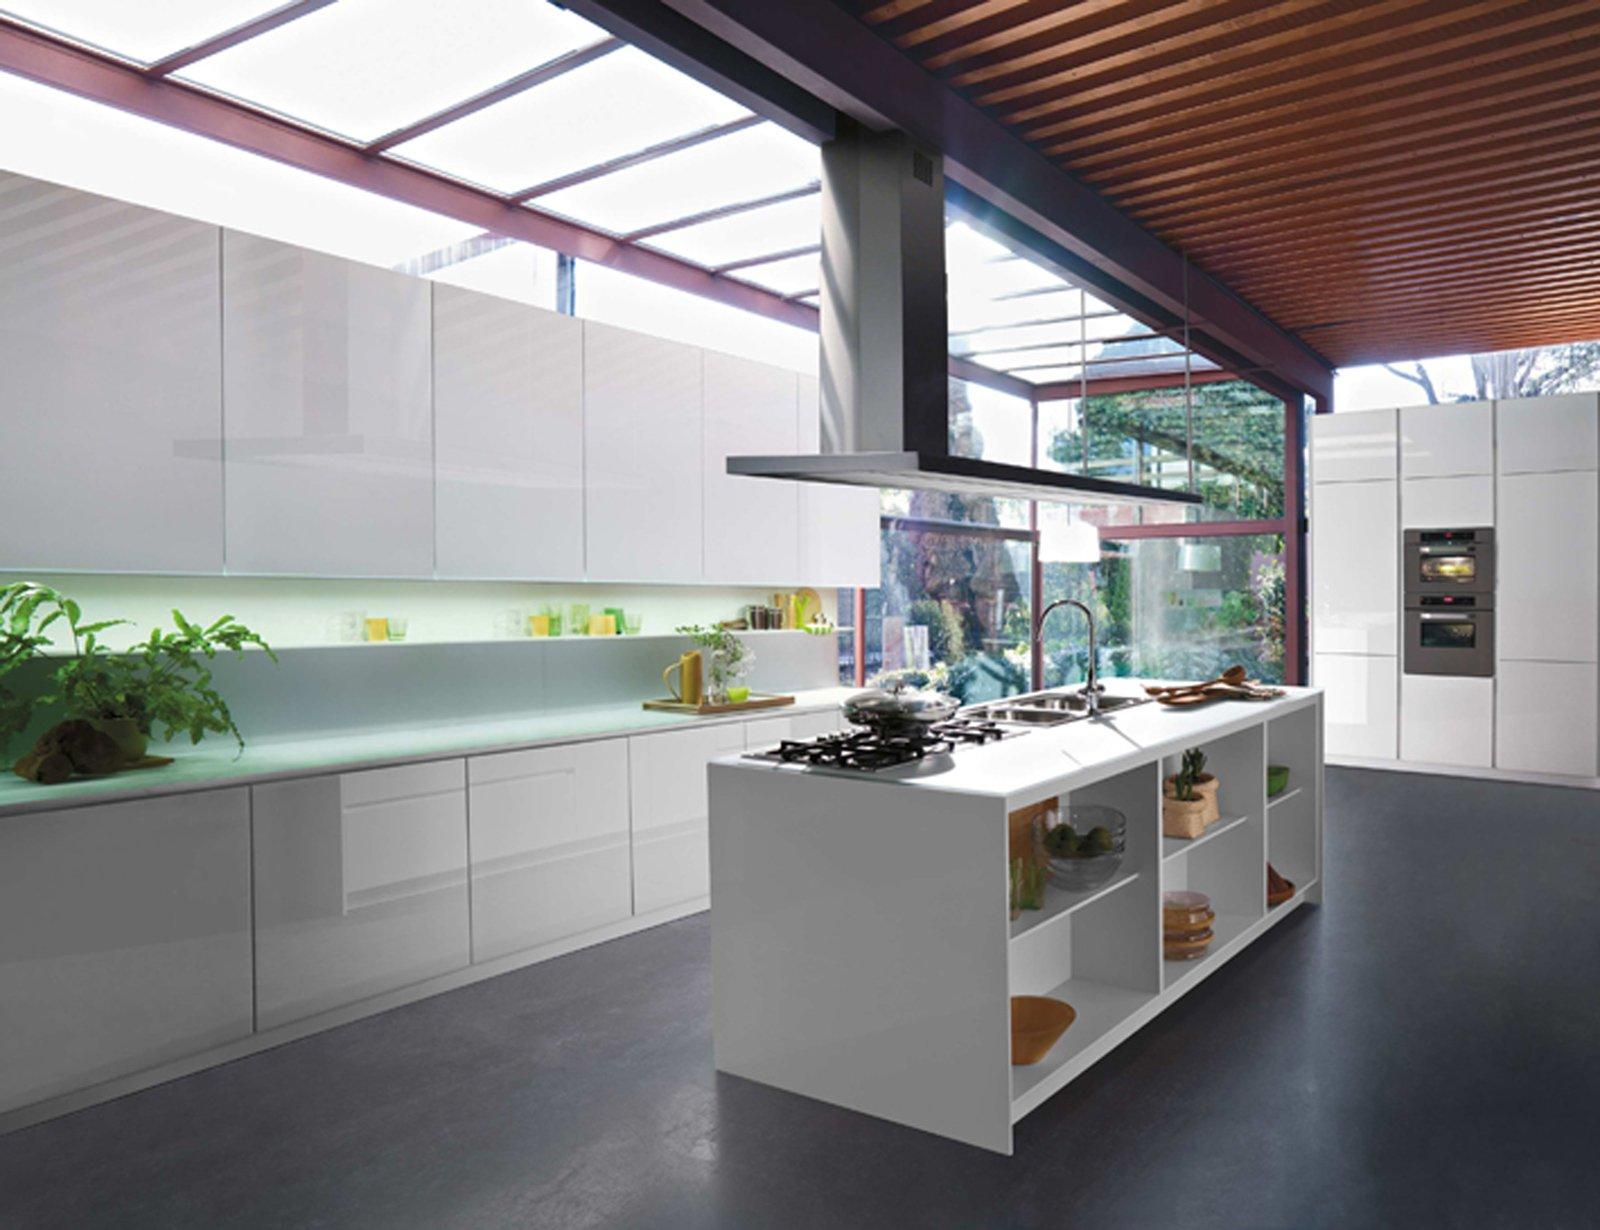 Cucine in vetro con superfici a specchio for Piano vetrata